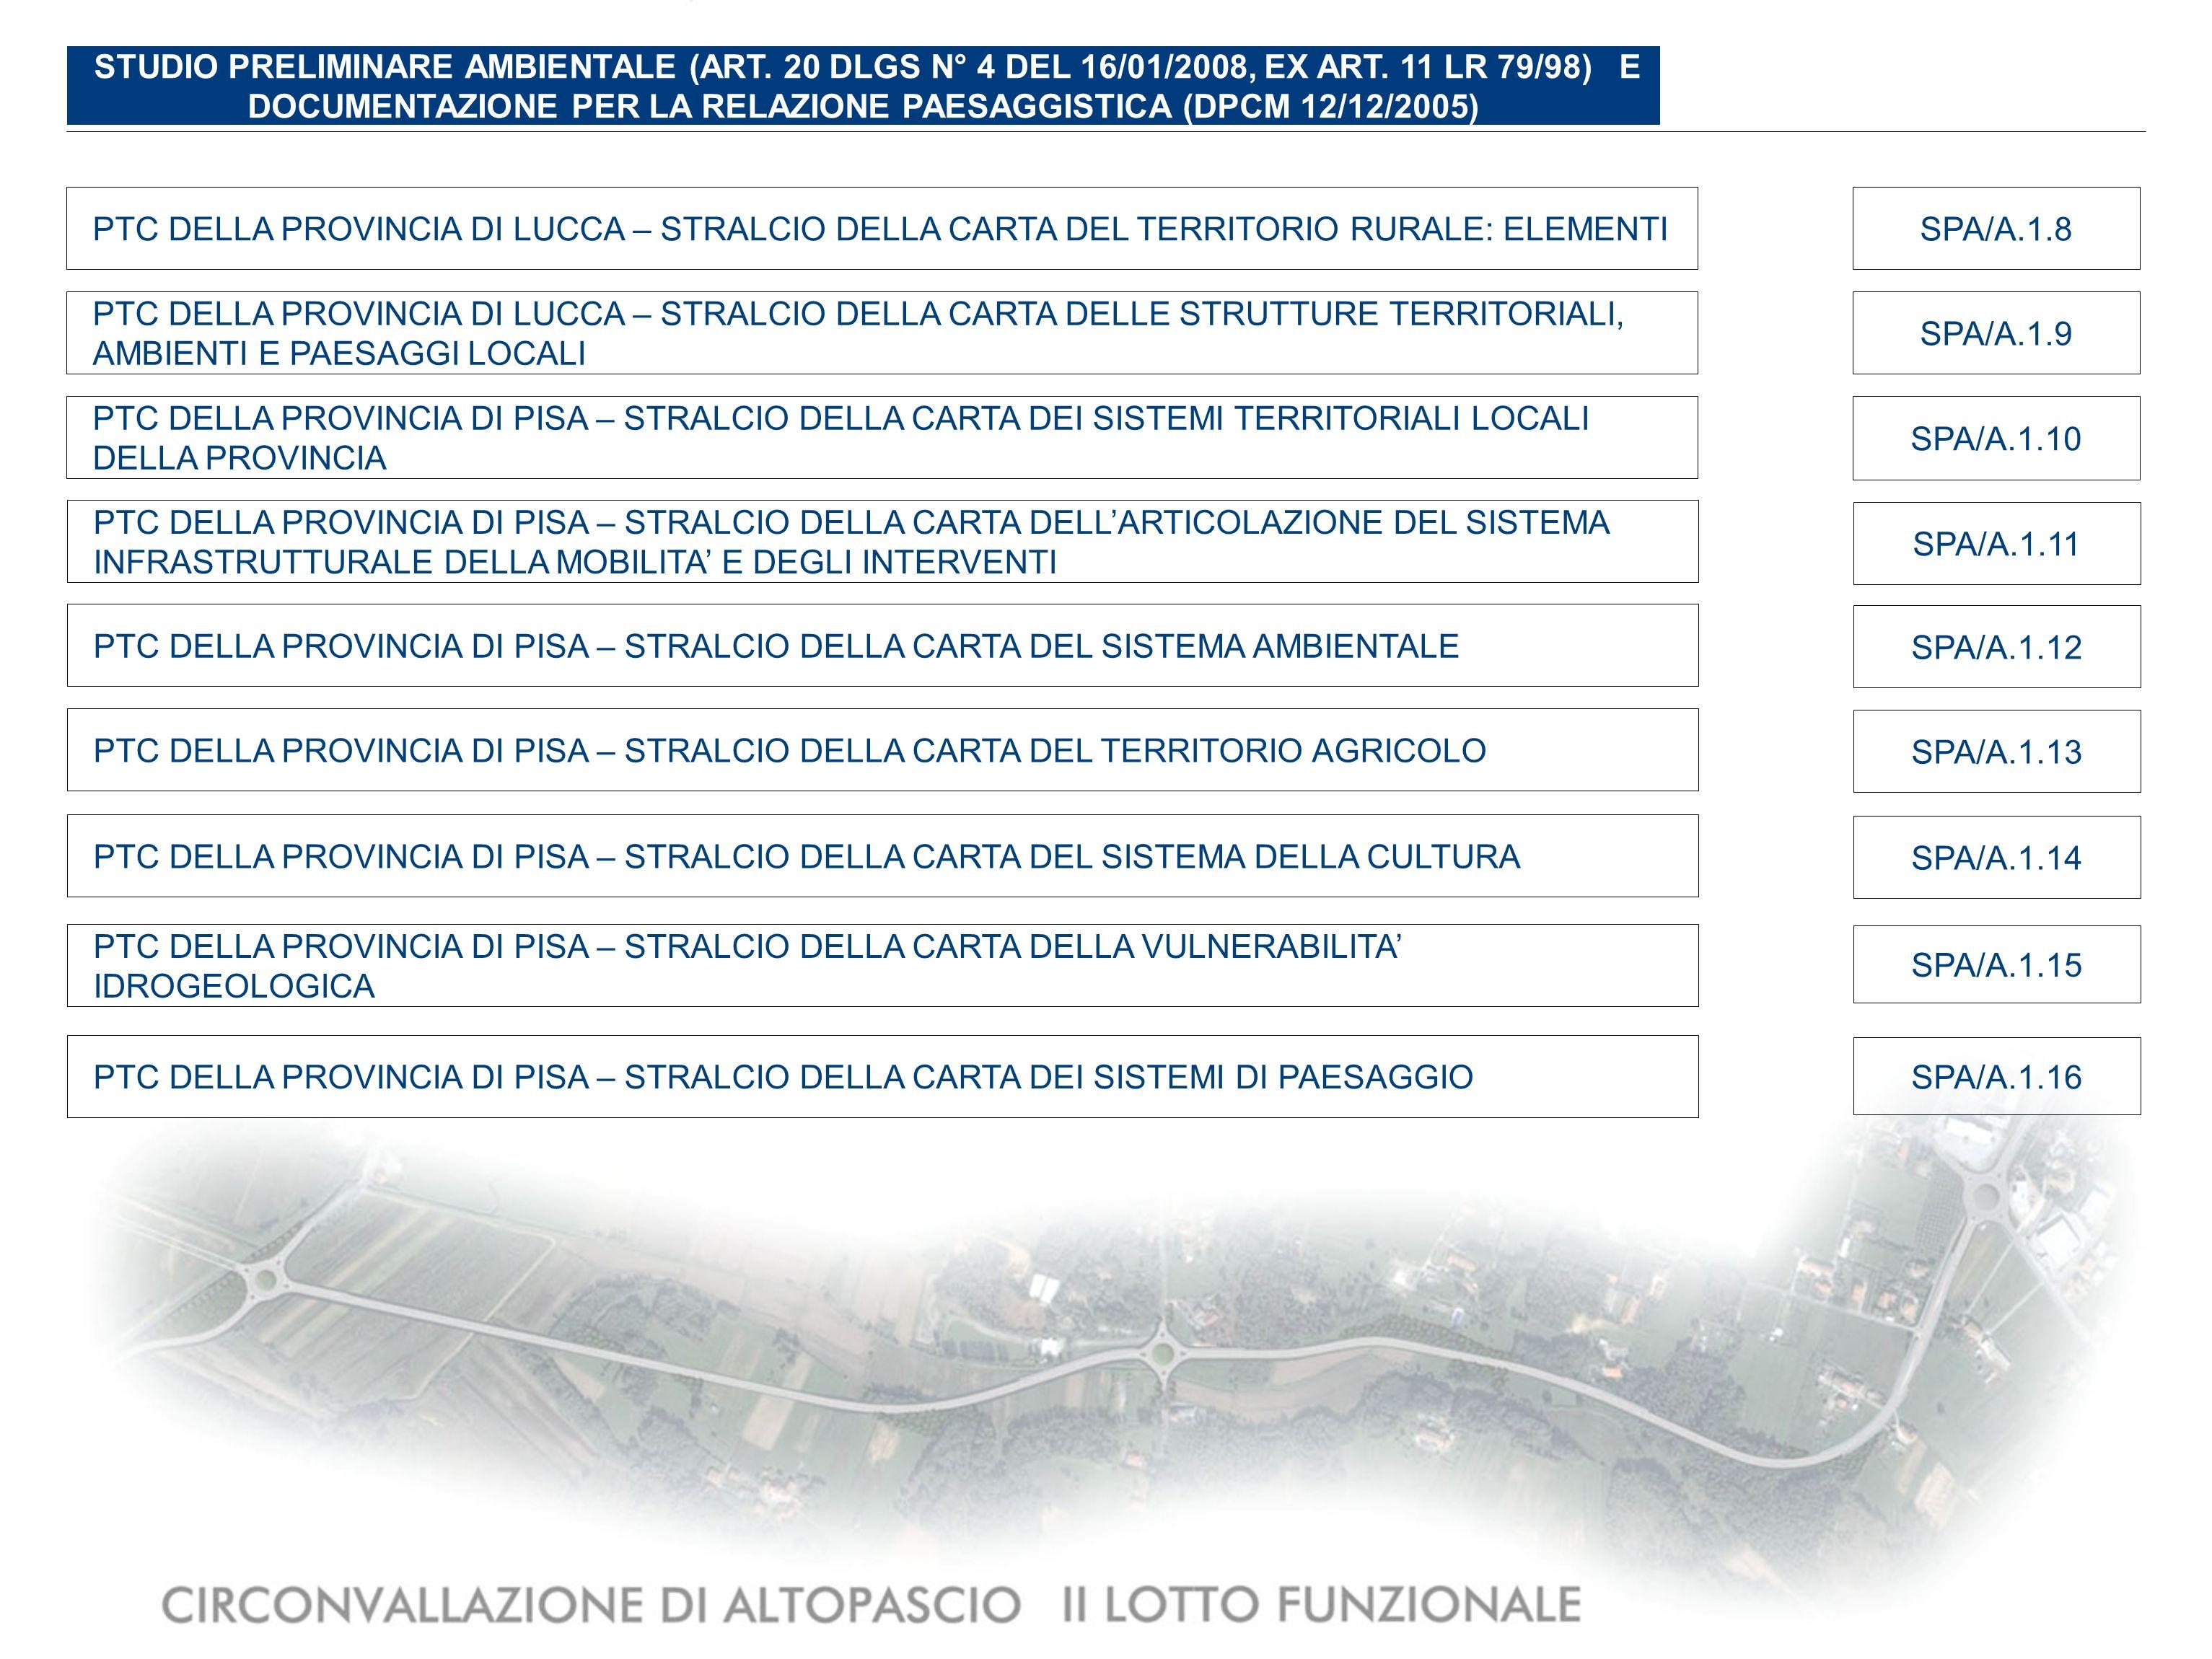 PTC DELLA PROVINCIA DI PISA – STRALCIO DELLA CARTA DEL SISTEMA FUNZIONALE TURISTICO- RICETTIVO SPA/A.1.19 PTC DELLA PROVINCIA DI PISA – STRALCIO DELLA CARTA DELLE AREE ED ELEMENTI DI RILEVANZA ECOLOGICA PER LA DEFINIZIONE DELLA RETE ECOLOGICA PROVINCIALE SPA/A.1.20 PIANO STRUTTURALE DEL COMUNE DI ALTOPASCIO – TAV 10g – QUADRO CONOSCITIVO – STATO DI ATTUAZIONE DEL PRG VIGENTE – LEGENDA SPA/A.1.21 PIANO STRUTTURALE DEL COMUNE DI ALTOPASCIO – TAV 10g – QUADRO CONOSCITIVO – STATO DI ATTUAZIONE DEL PRG VIGENTE SPA/A.1.22 PIANO STRUTTURALE DEL COMUNE DI ALTOPASCIO – TAV 13b – INVARIANTI STRUTTURALI RELATIVE AGLI INSEDIAMENTI E ALLE INFRASTRUTTURE PER LA MOBILITA – LEGENDA SPA/A.1.23 PTC DELLA PROVINCIA DI PISA – STRALCIO DELLA CARTA DELLE AREE BOSCATE E DEI LIMITI ALLE TRASFORMAZIONI SPA/A.1.18 PTC DELLA PROVINCIA DI PISA – STRALCIO DELLA CARTA DELLA MODALITA DI GESTIONE DEL SISTEMA VEGETAZIONALE SPA/A.1.17 PIANO STRUTTURALE DEL COMUNE DI ALTOPASCIO – TAV 13b – INVARIANTI STRUTTURALI RELATIVE AGLI INSEDIAMENTI E ALLE INFRASTRUTTURE PER LA MOBILITA SPA/A.1.24 PIANO STRUTTURALE DEL COMUNE DI ALTOPASCIO – TAV 14b – PROGETTO DI PIANO STRUTTURALE – SISTEMI E SOTTOSISTEMI FUNZIONALI - LEGENDA SPA/A.1.25 STUDIO PRELIMINARE AMBIENTALE (ART.